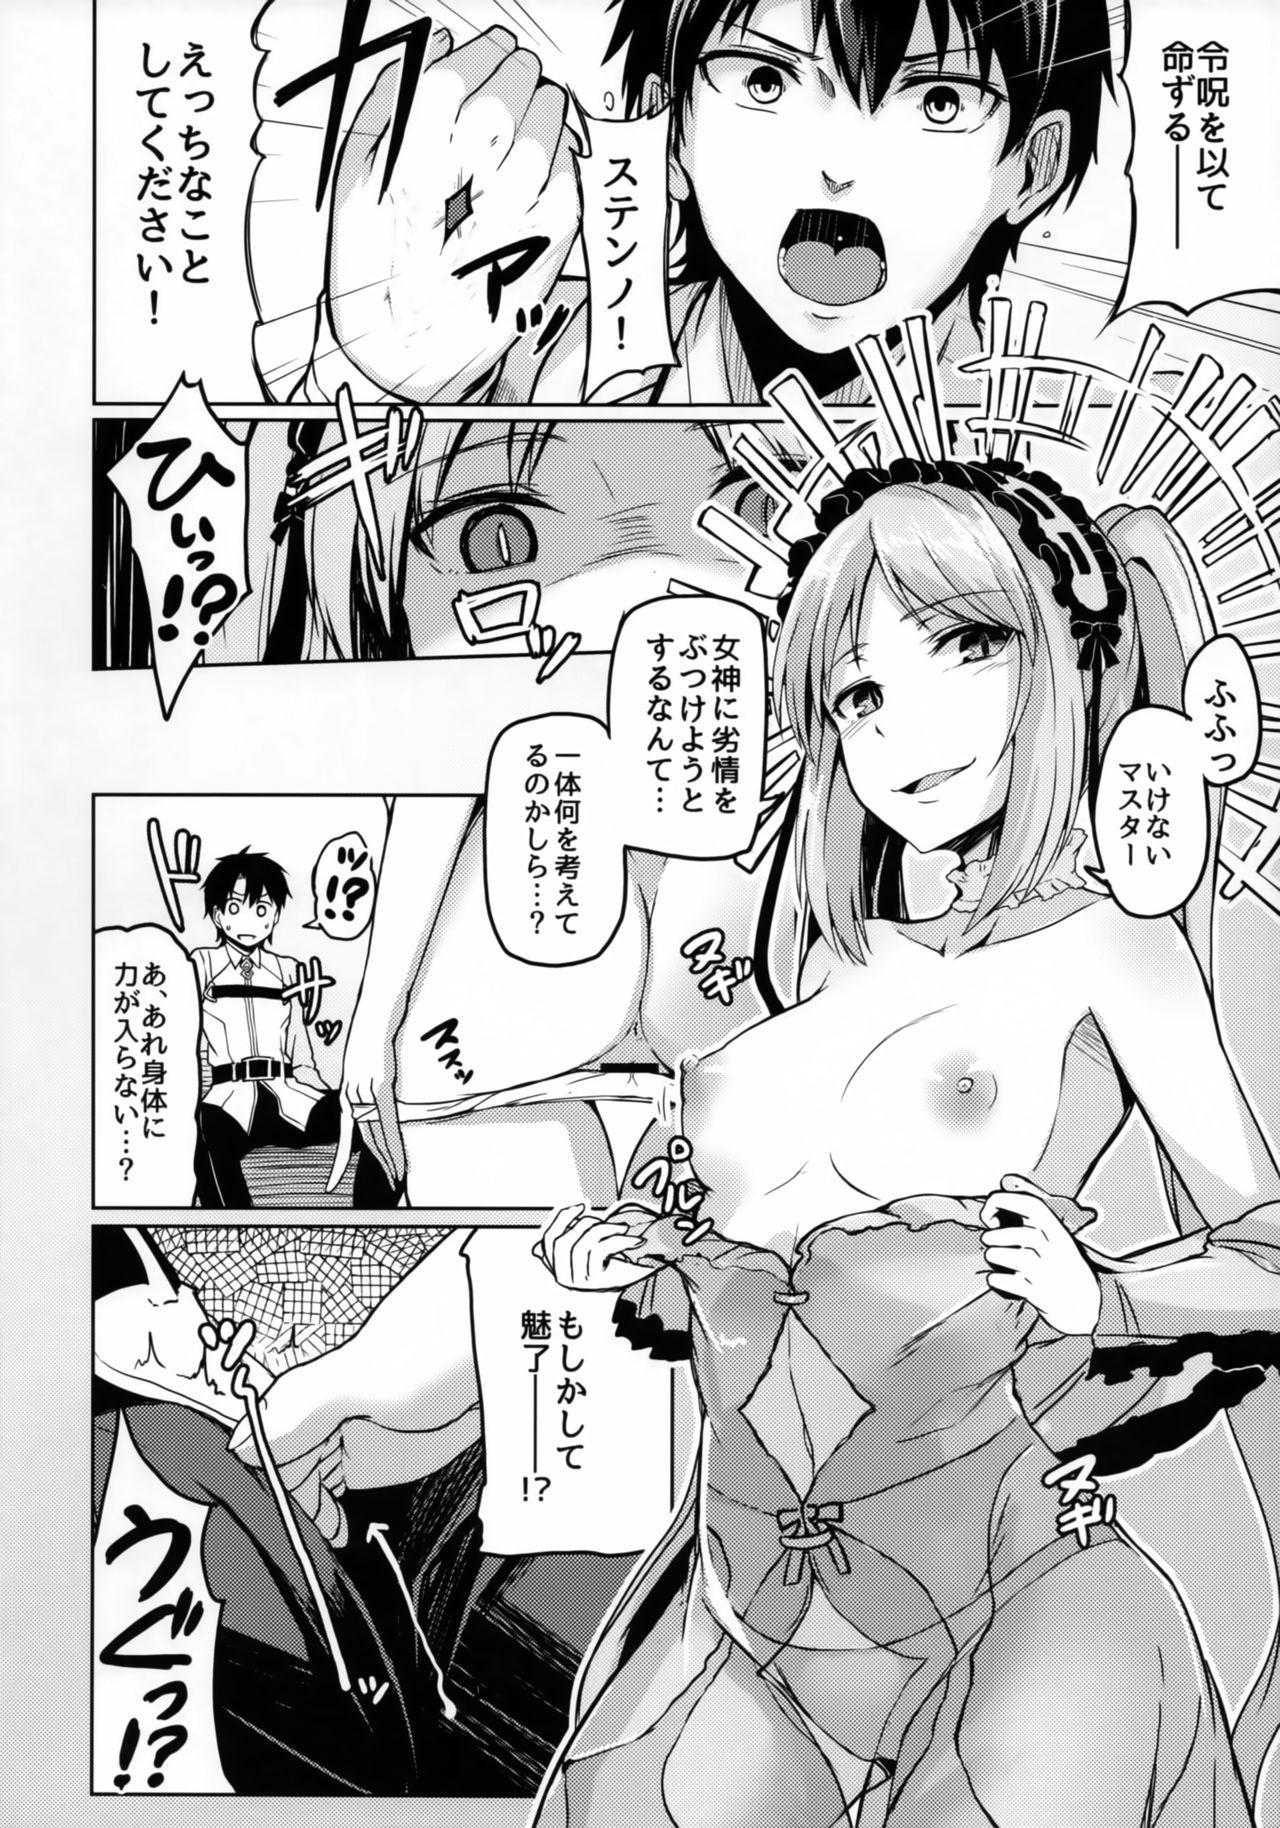 Reiju o Motte Hoshi 4 Servant to Ecchi Shitai 14